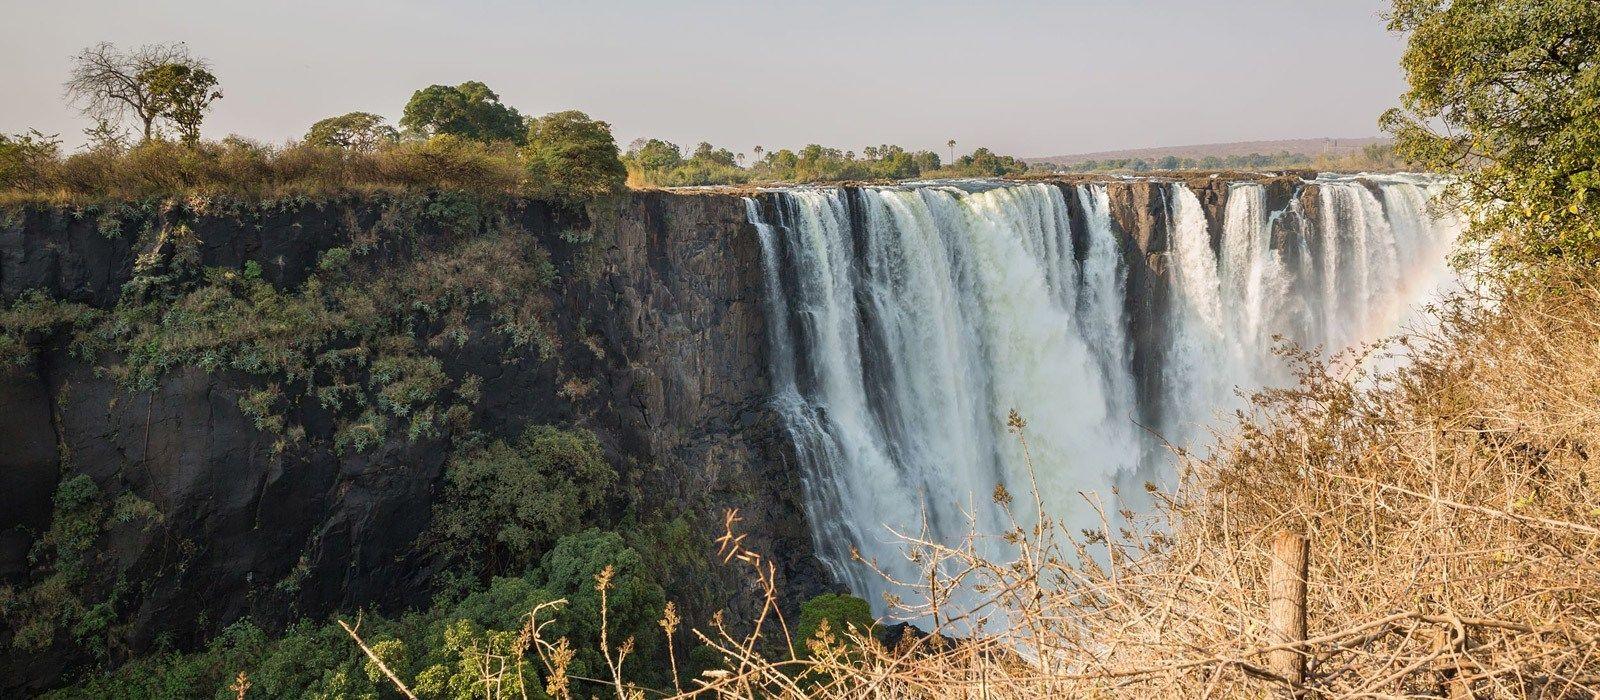 Südafrika & Sambia: Panoramaroute, Krüger und Victoriafälle Urlaub 4